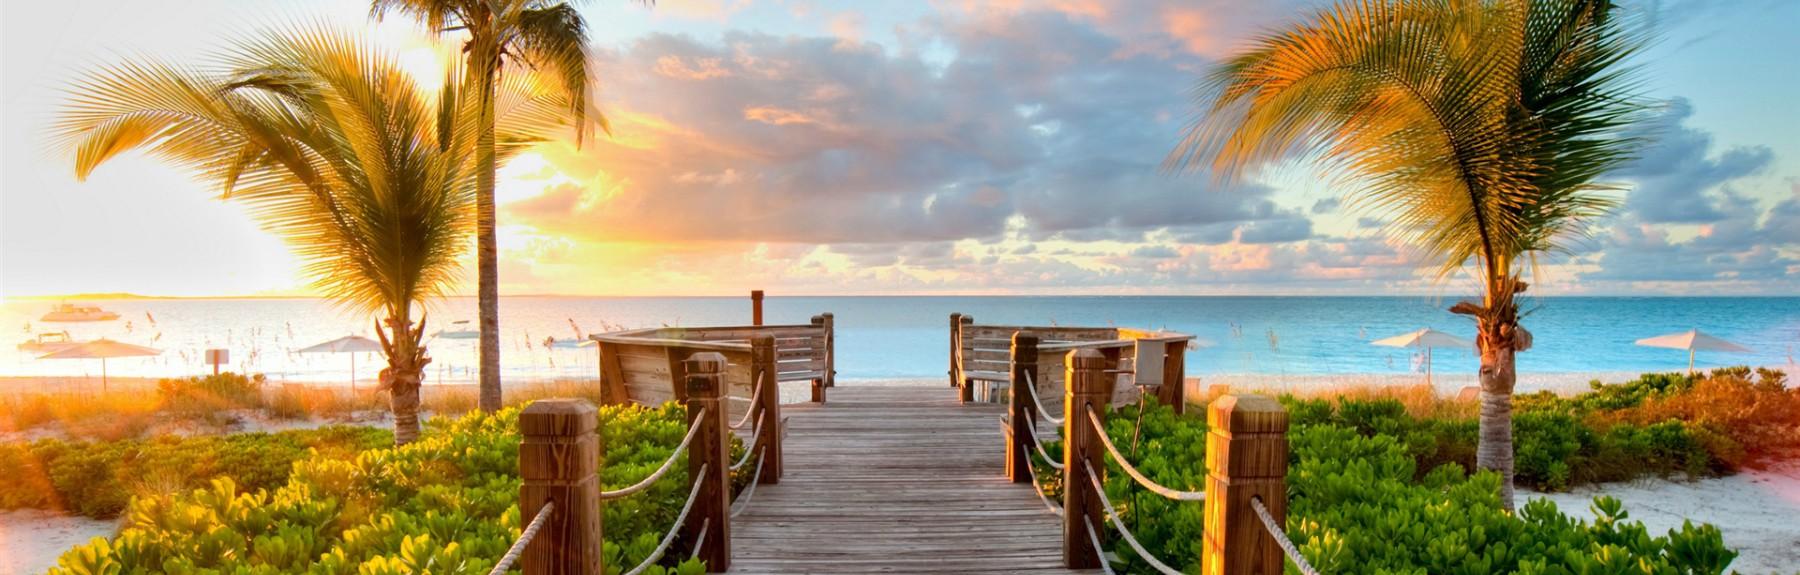 Caribbean-beaches-Turks-and-Caicos-sunset